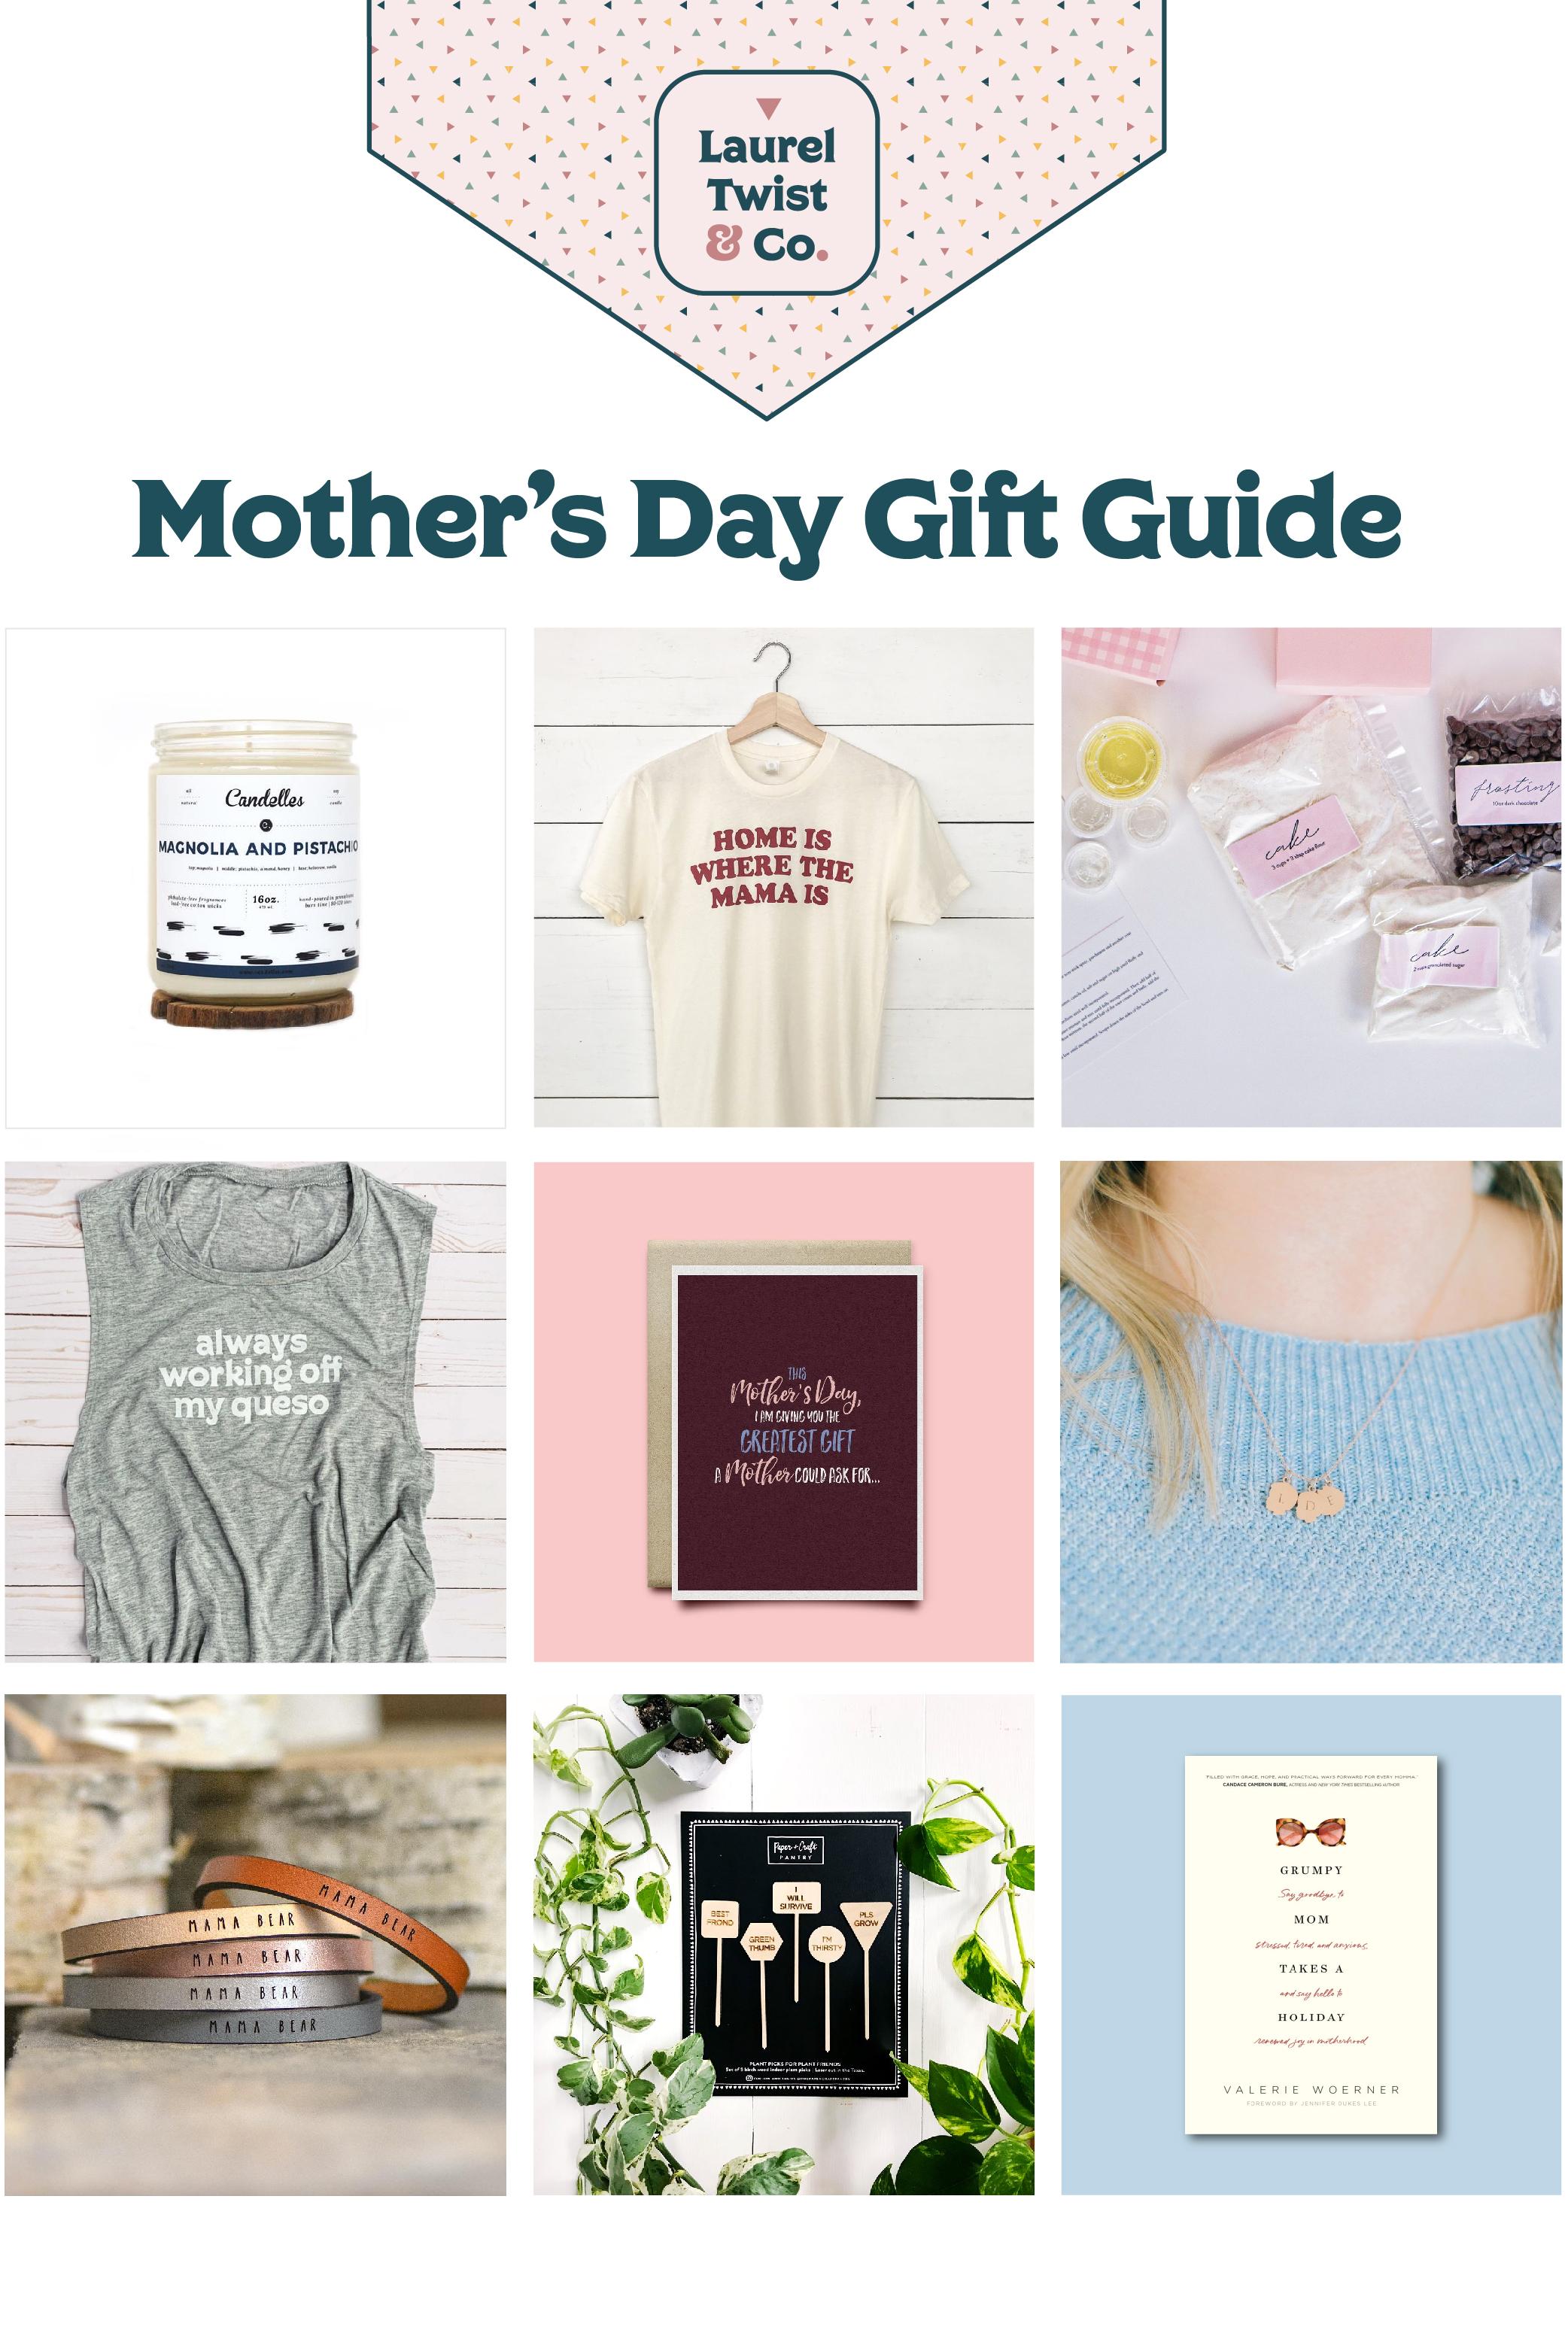 Blog-MothersDay-GiftGuide-01.jpg